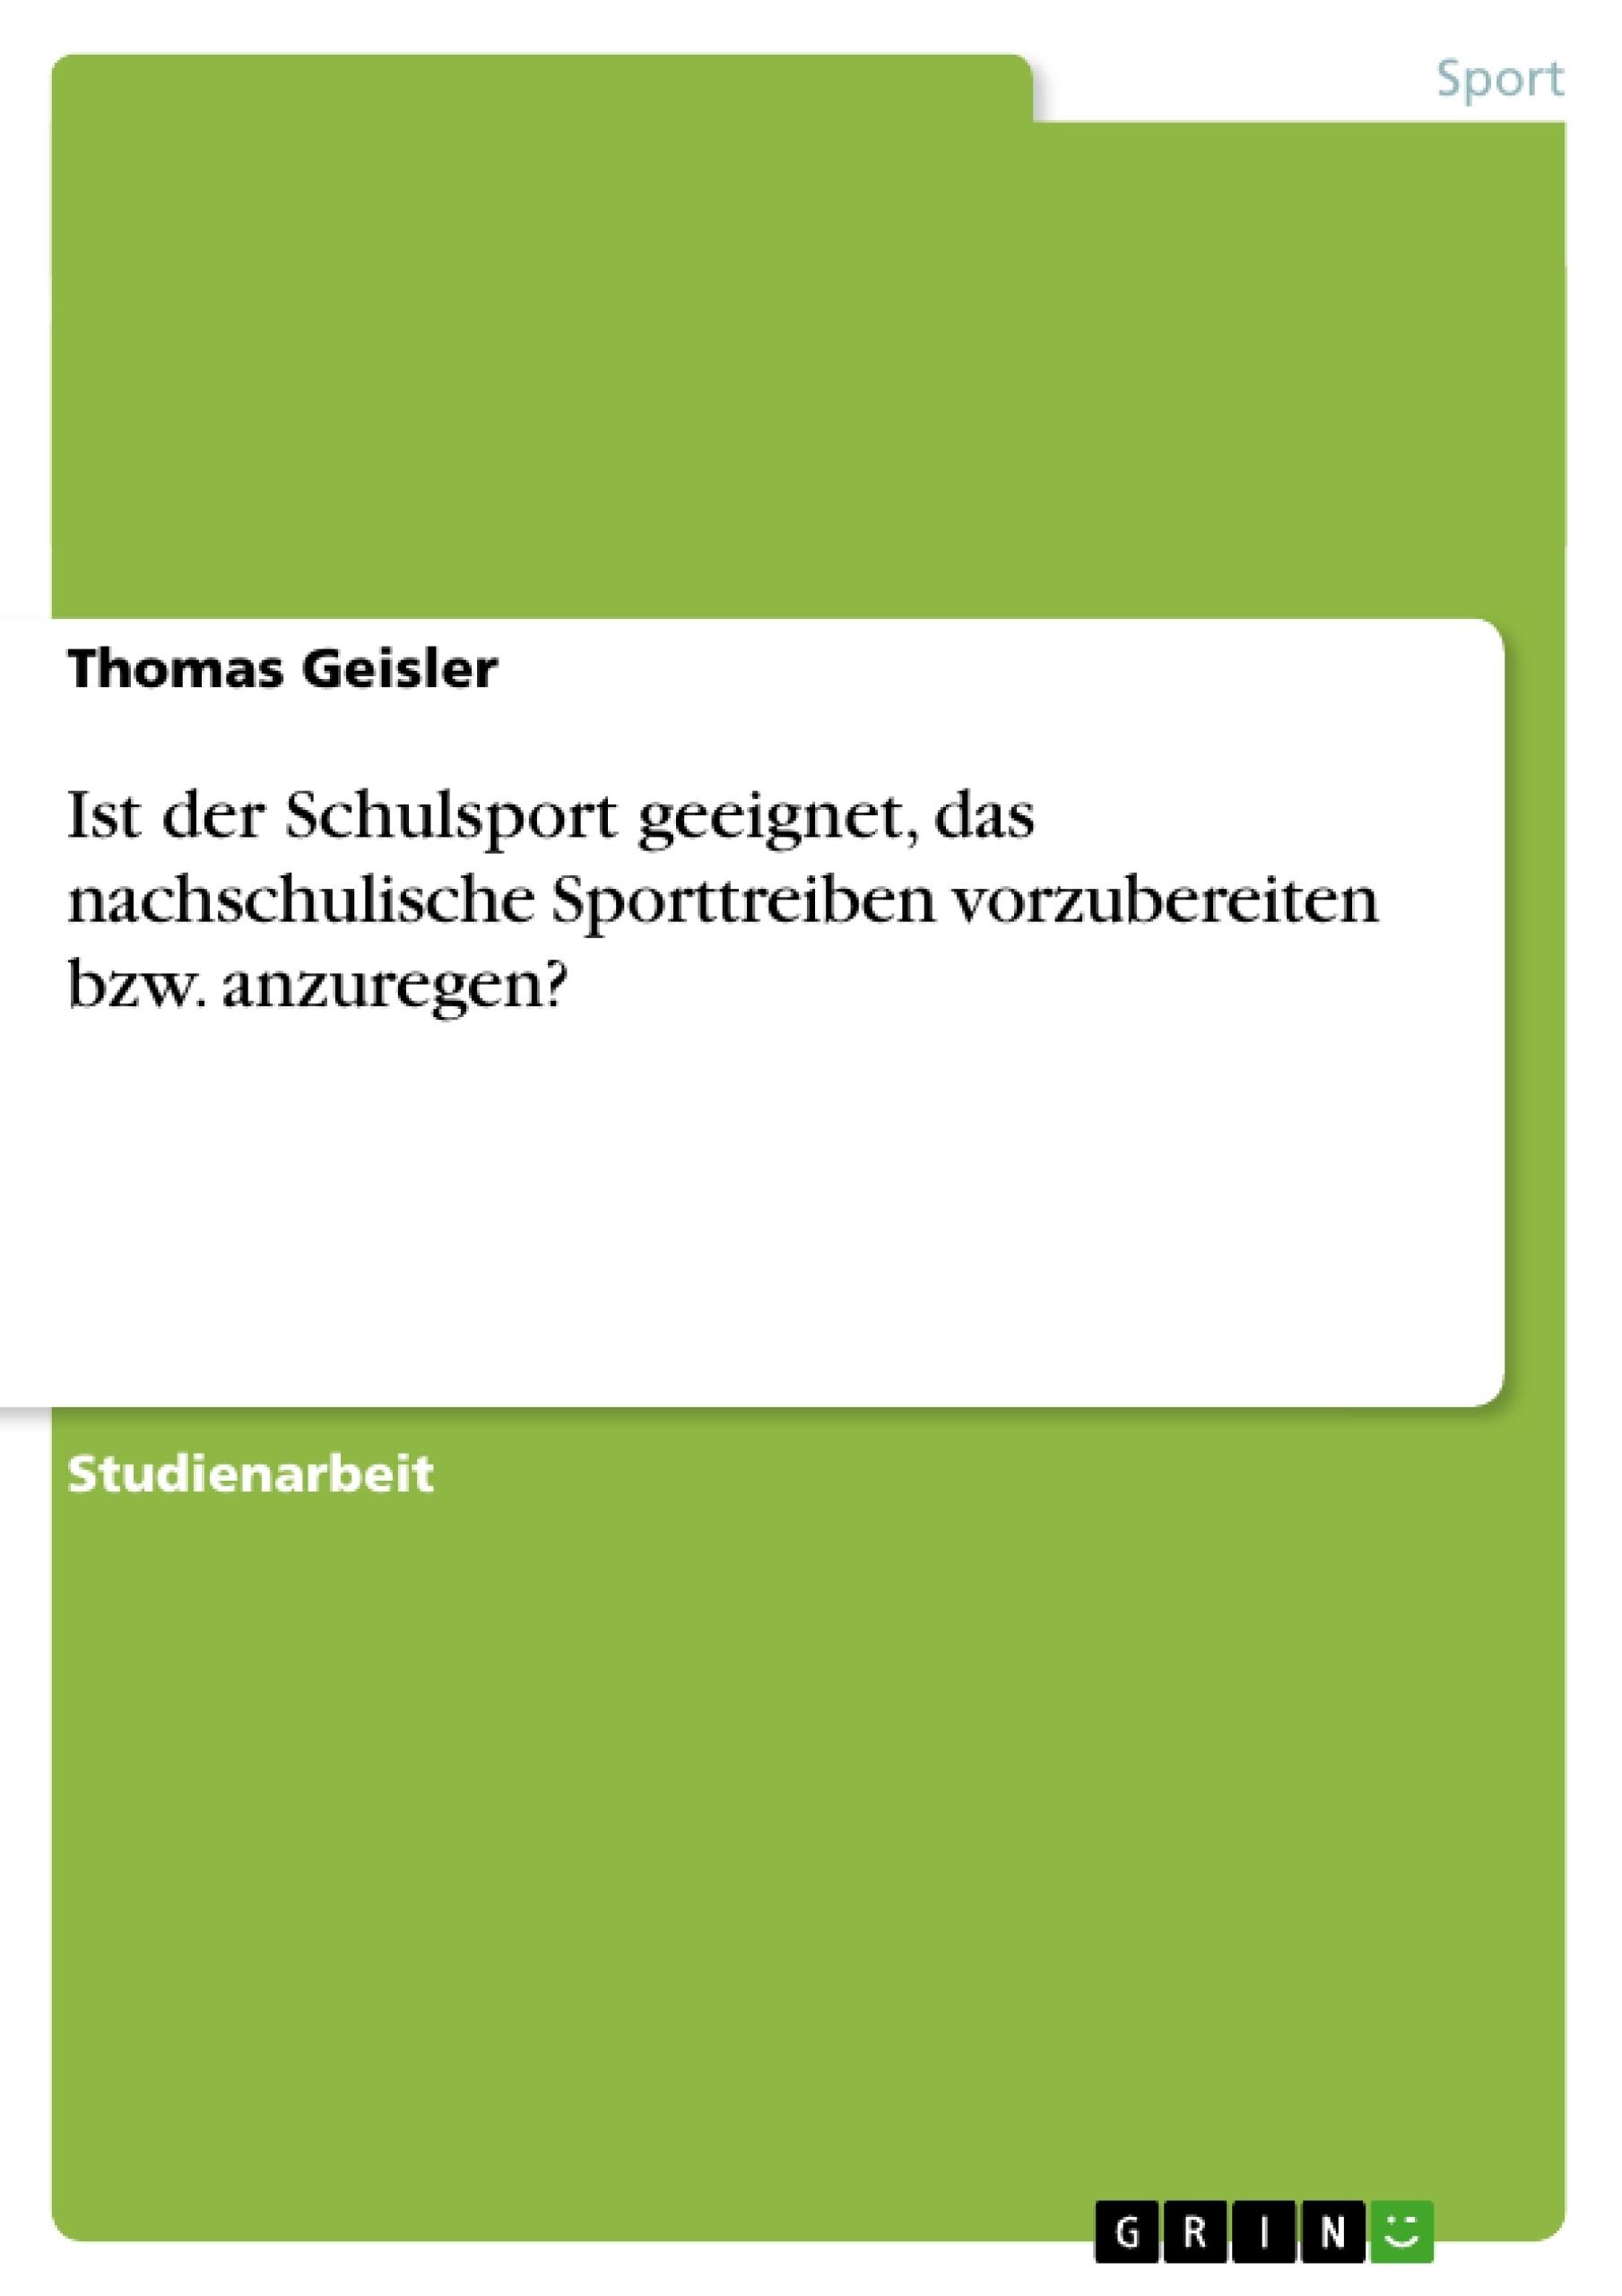 Titel: Ist der Schulsport geeignet, das nachschulische Sporttreiben vorzubereiten bzw. anzuregen?